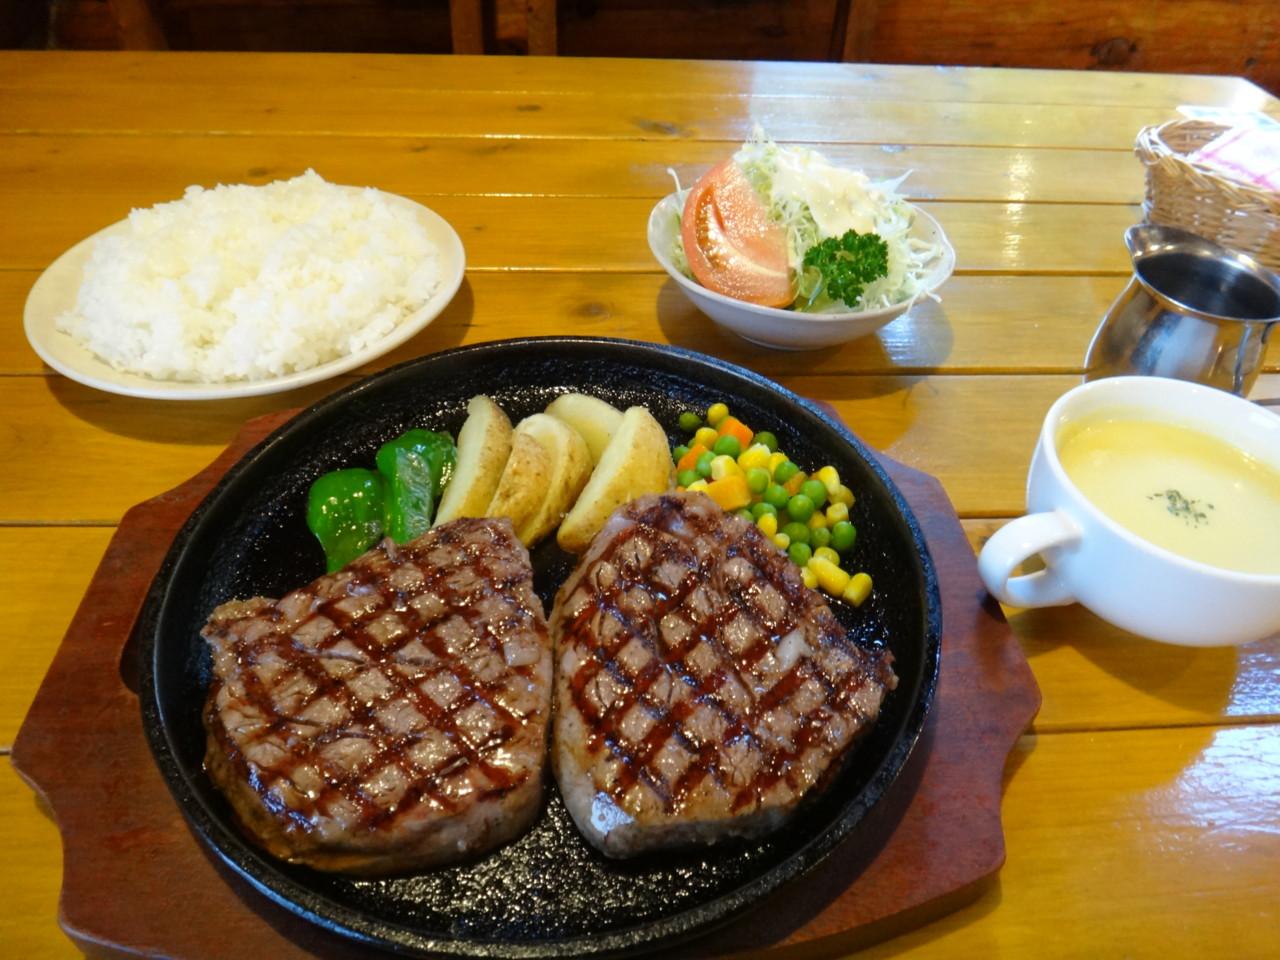 カントリーライフ 清水産牛ヒレステーキセット(240g) ライス大盛り